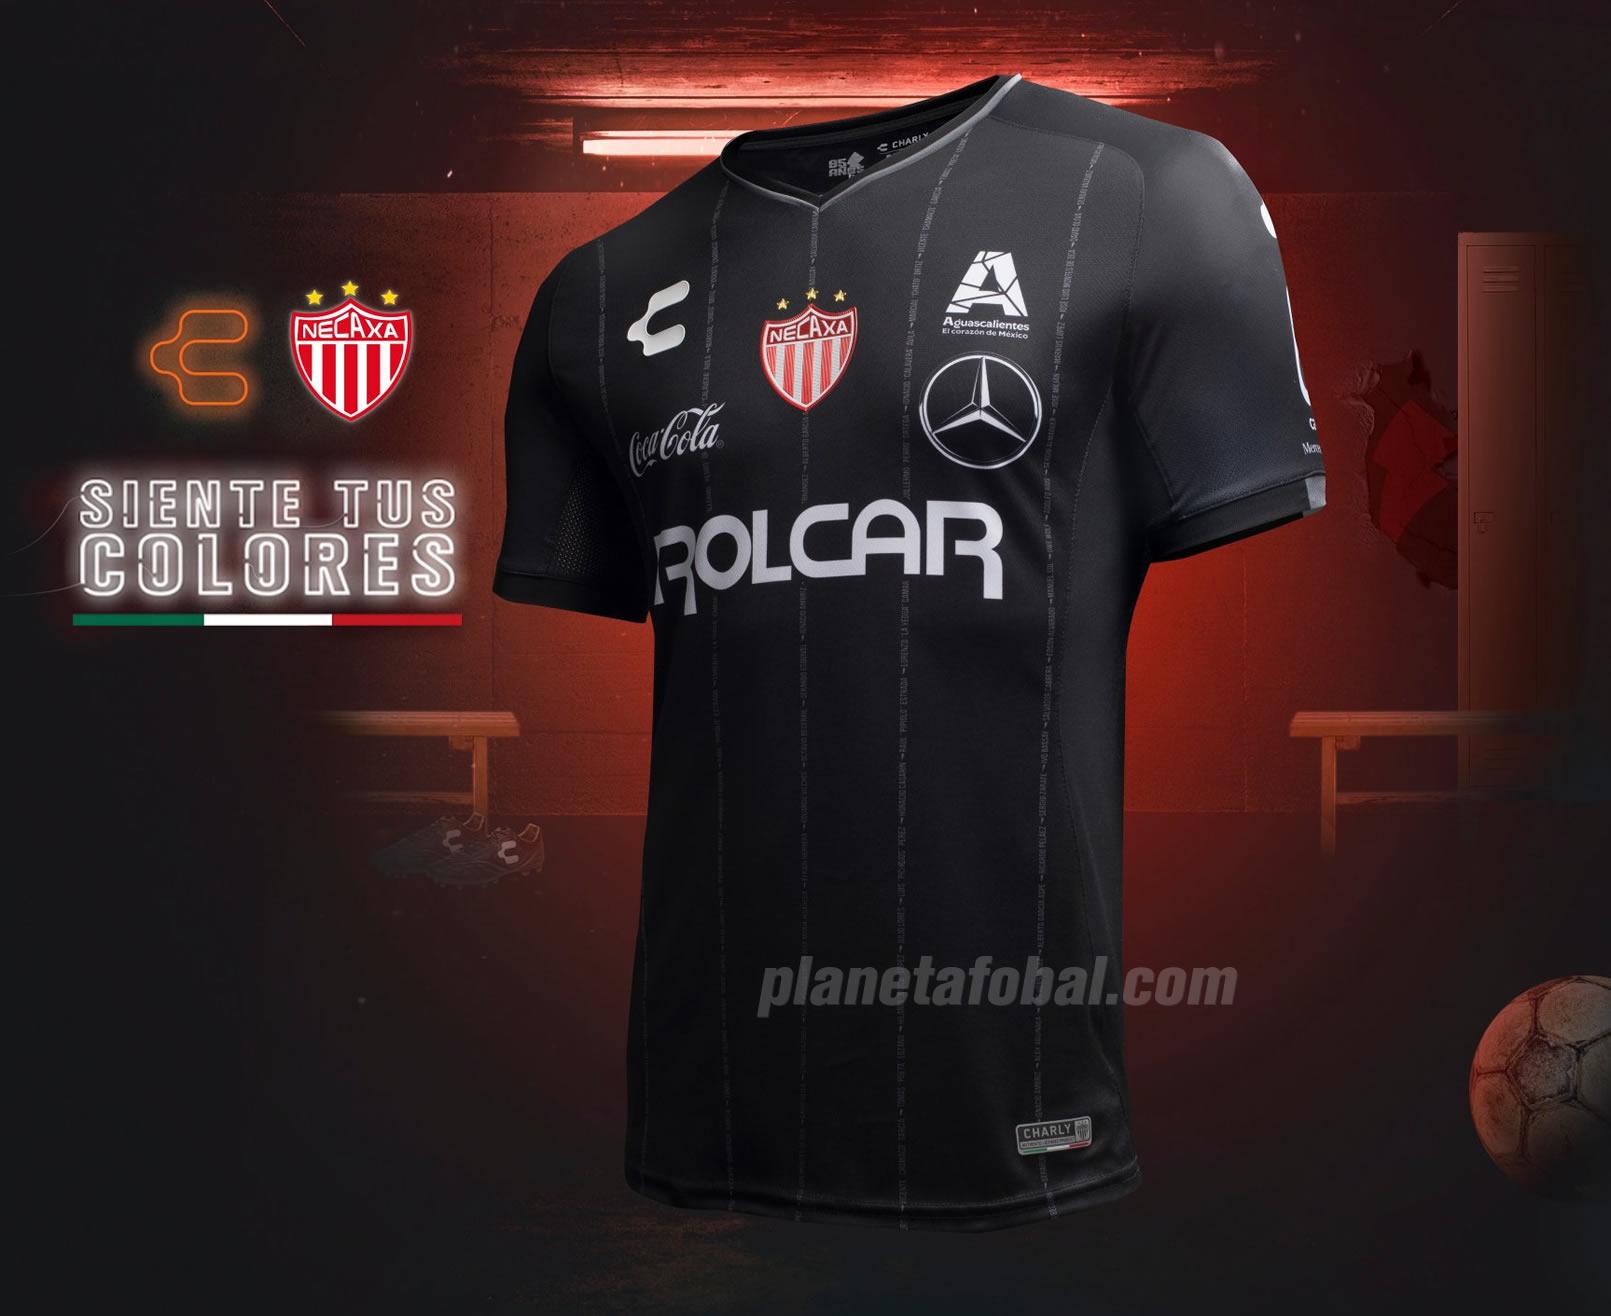 Camiseta visitante del Club Necaxa 2018/19 | Imagen Charly